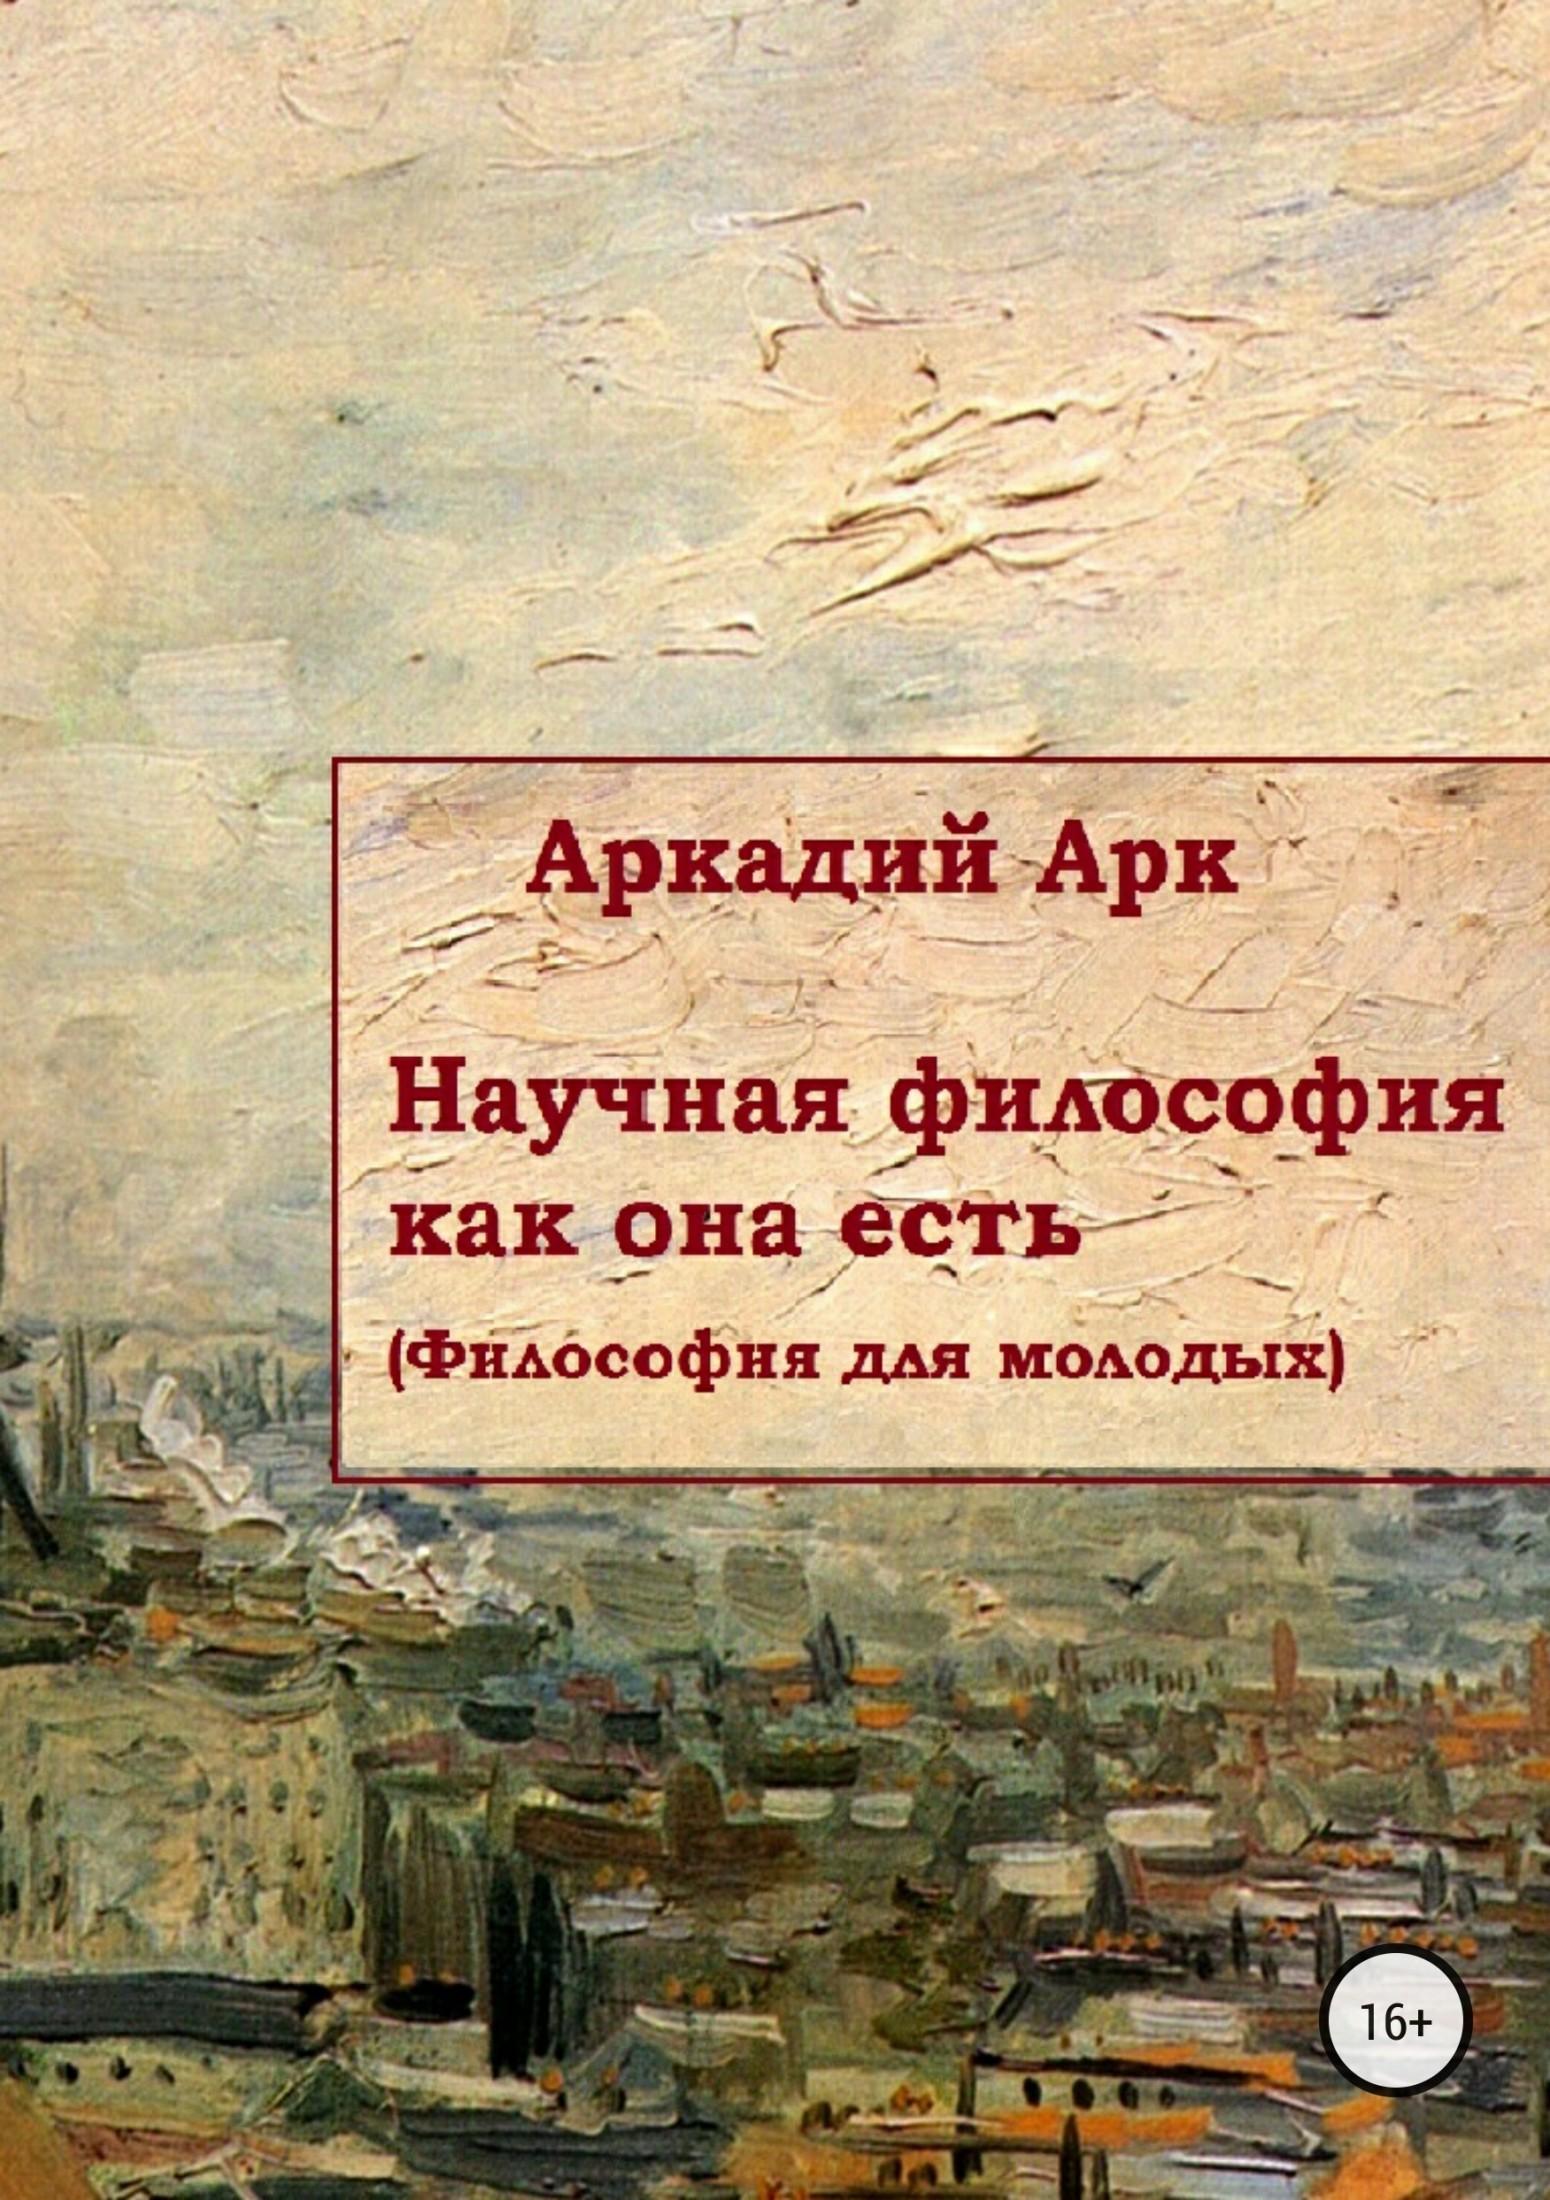 Аркадий Арк - Научная философия как она есть